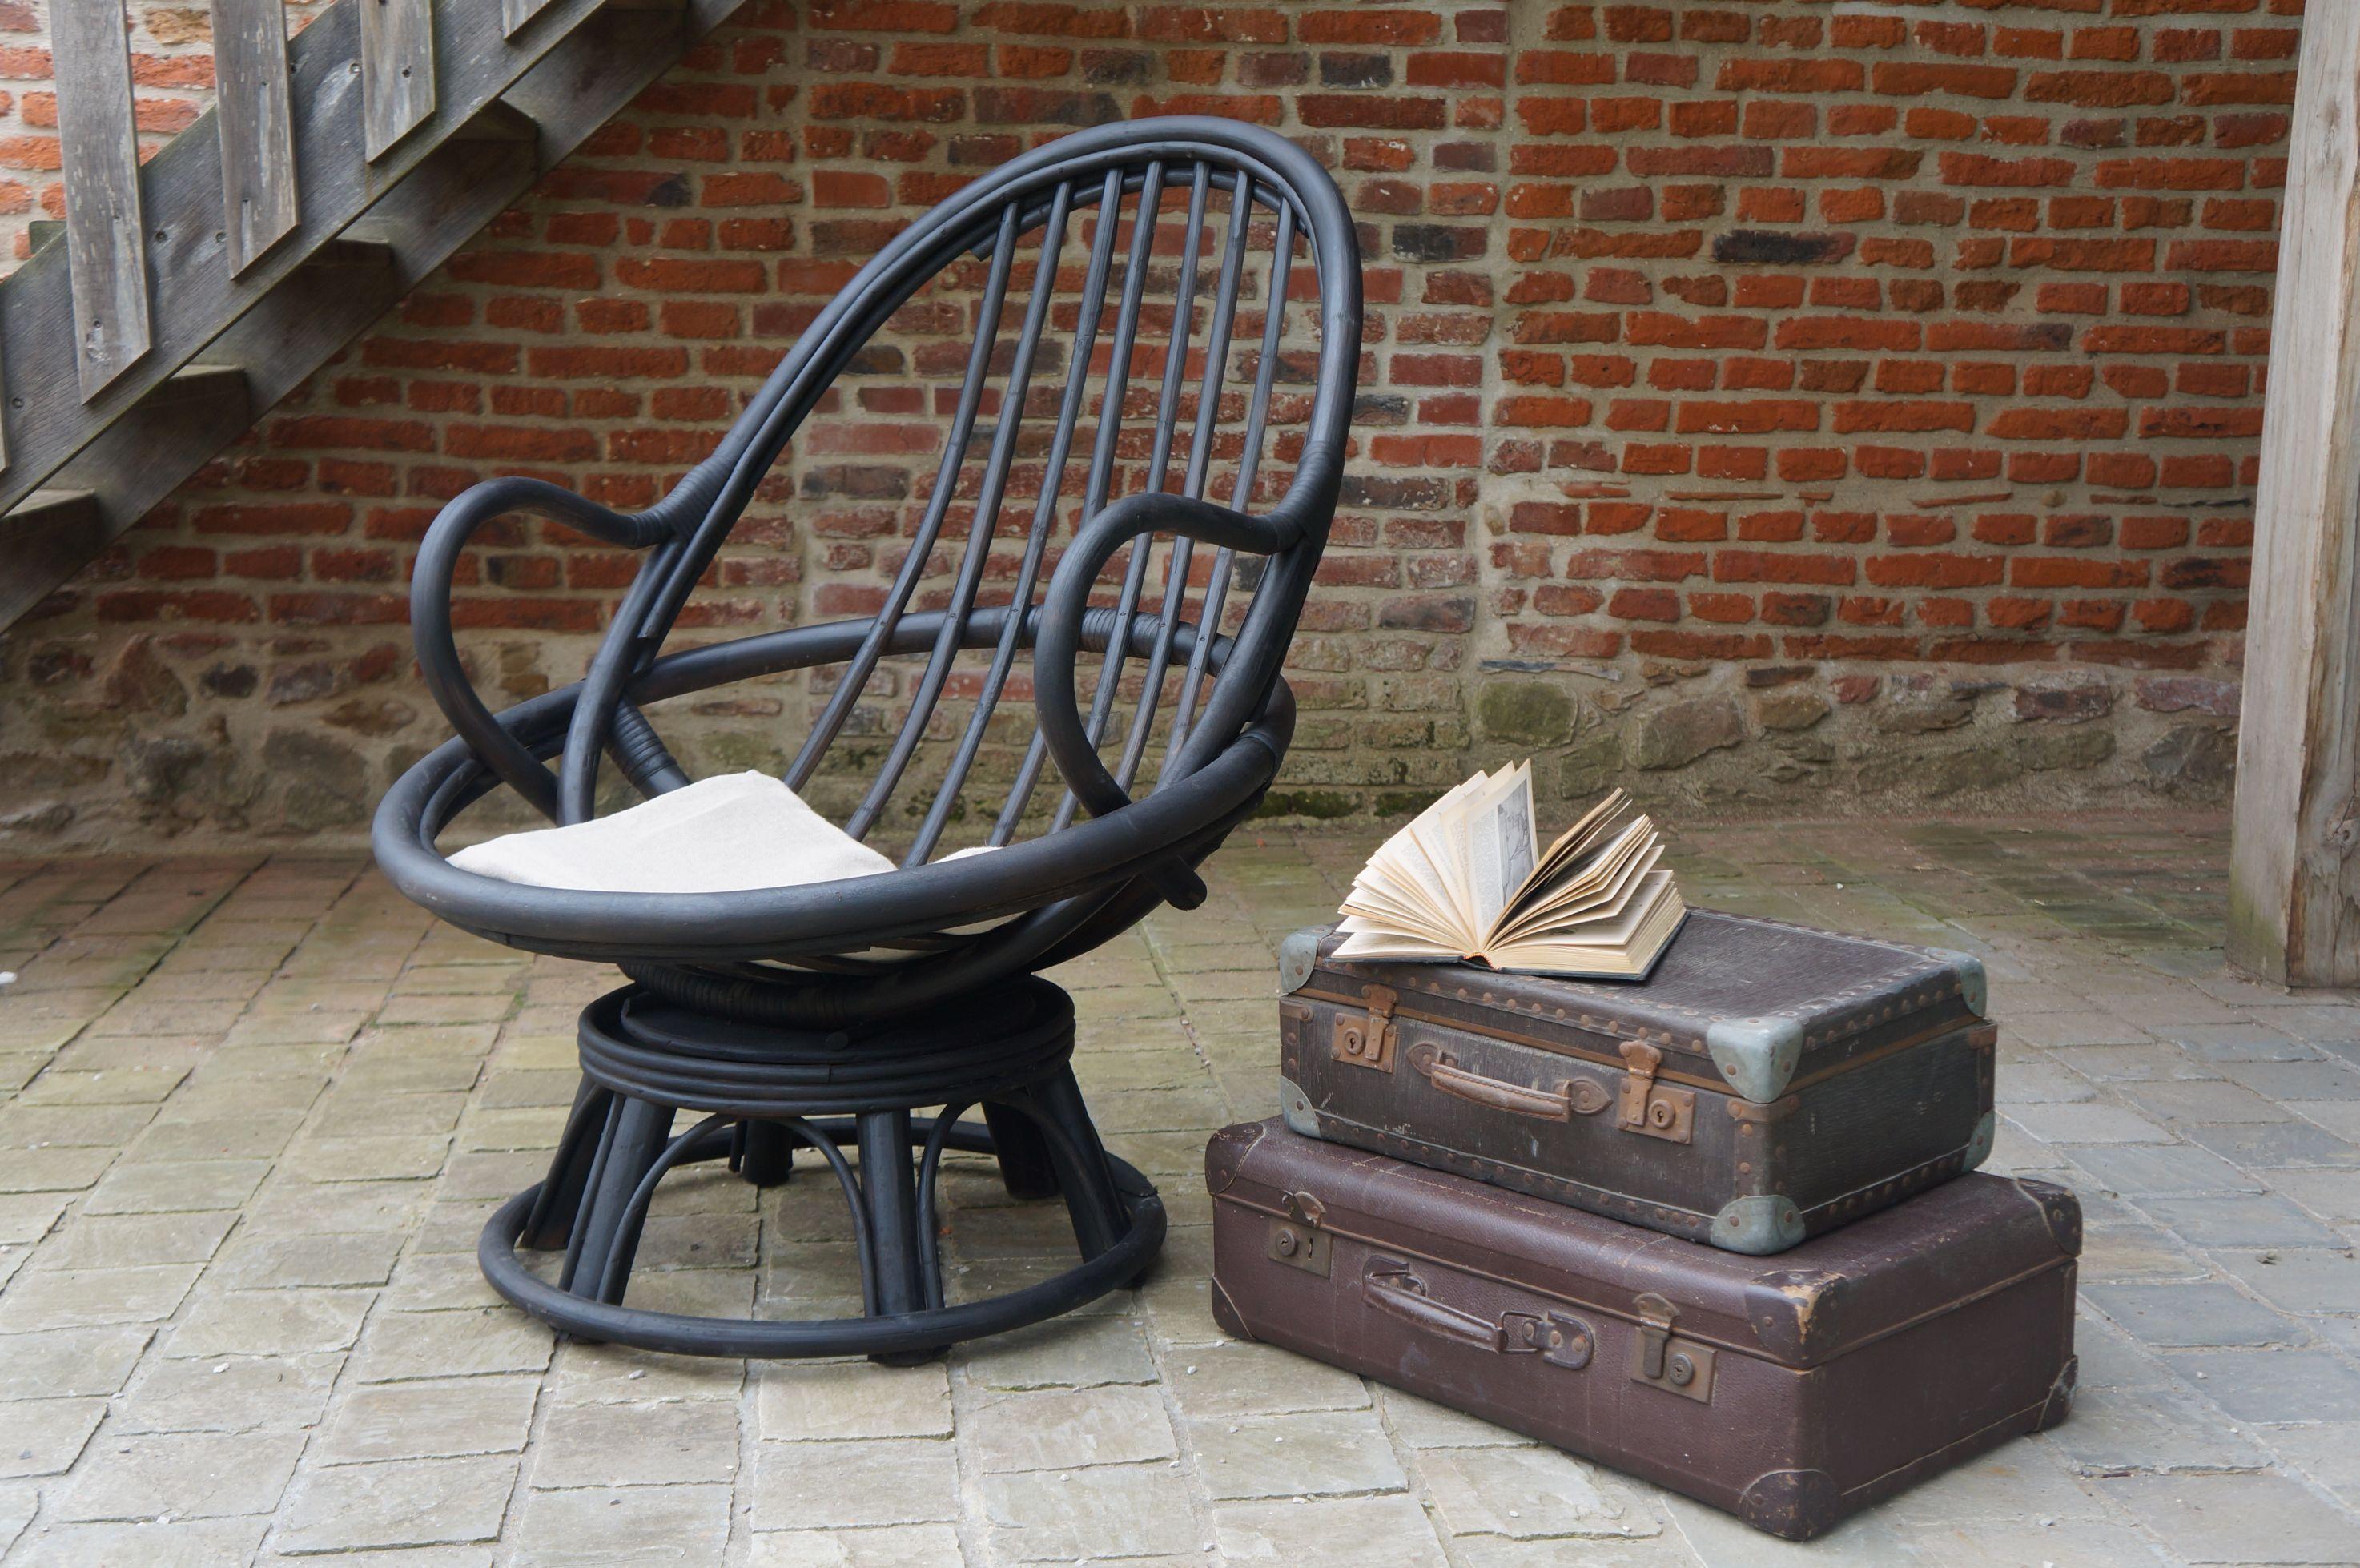 Comment Repeindre Des Fauteuils En Rotin fauteuil-rotin-noir-mat-pivotant-tournant-lille-tournai